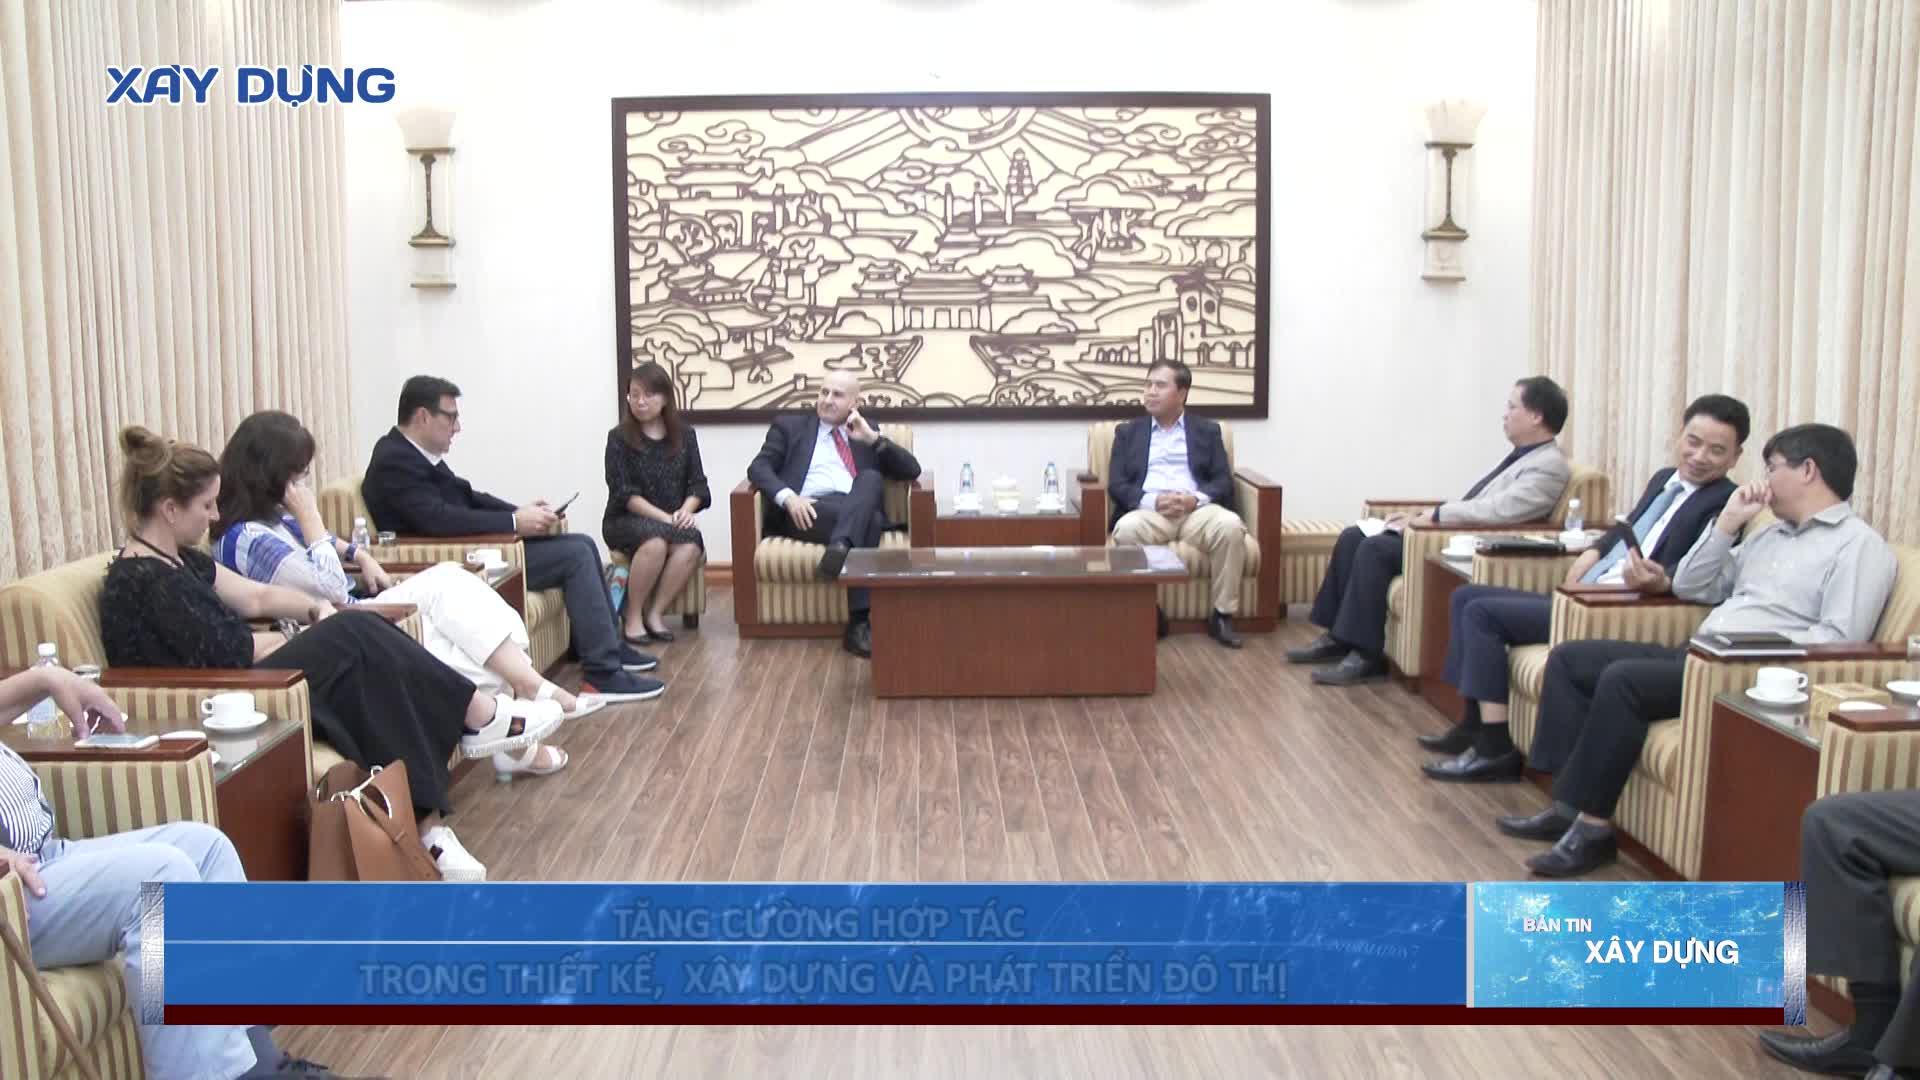 Việt Nam – Italia: Tăng cường hợp tác trong thiết kế, xây dựng và phát triển đô thị